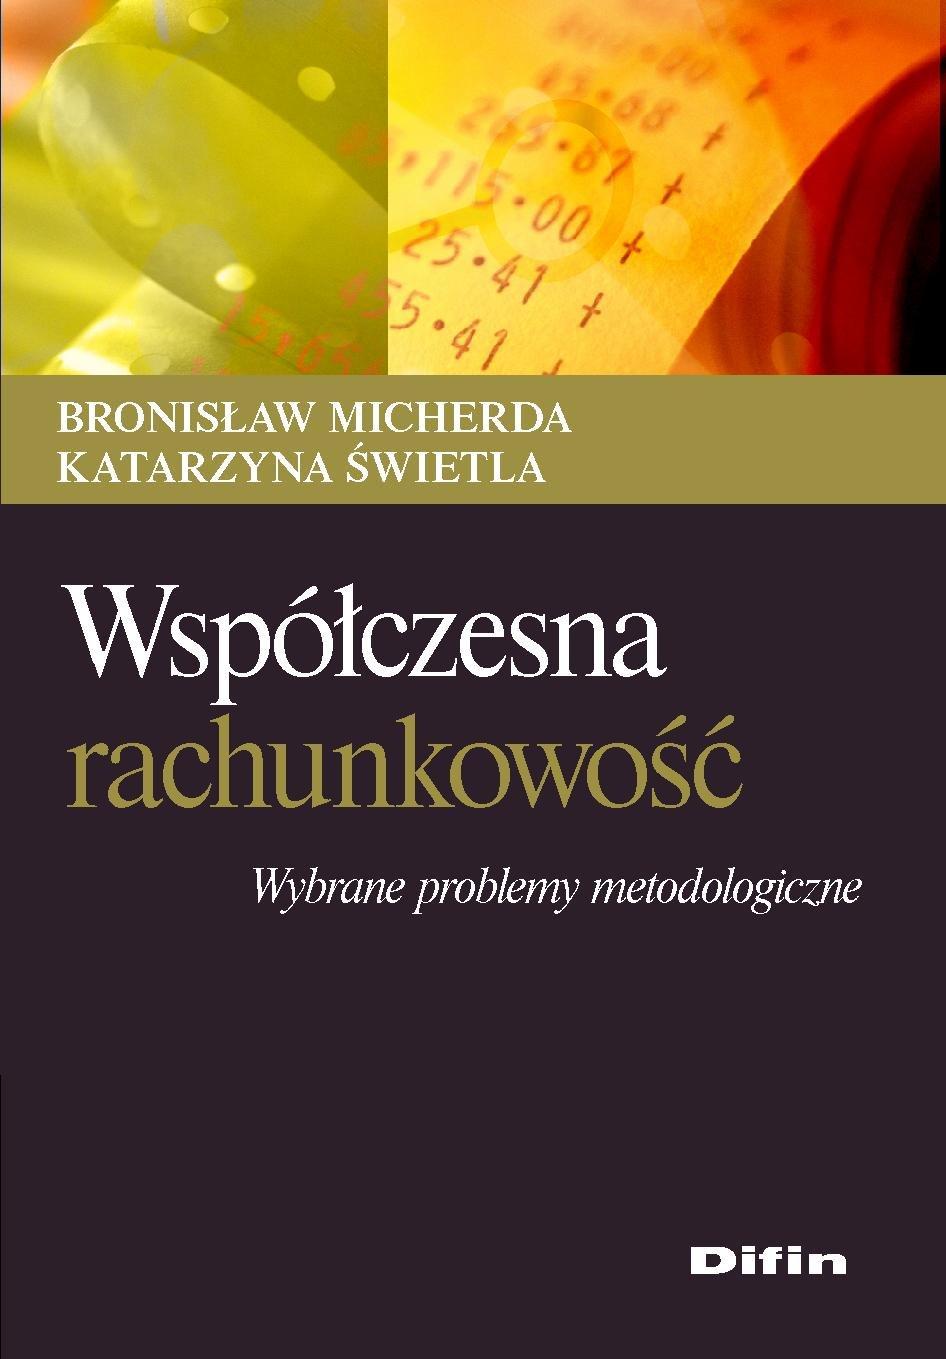 Współczesna rachunkowość. Wybrane problemy metodologiczne - Ebook (Książka PDF) do pobrania w formacie PDF